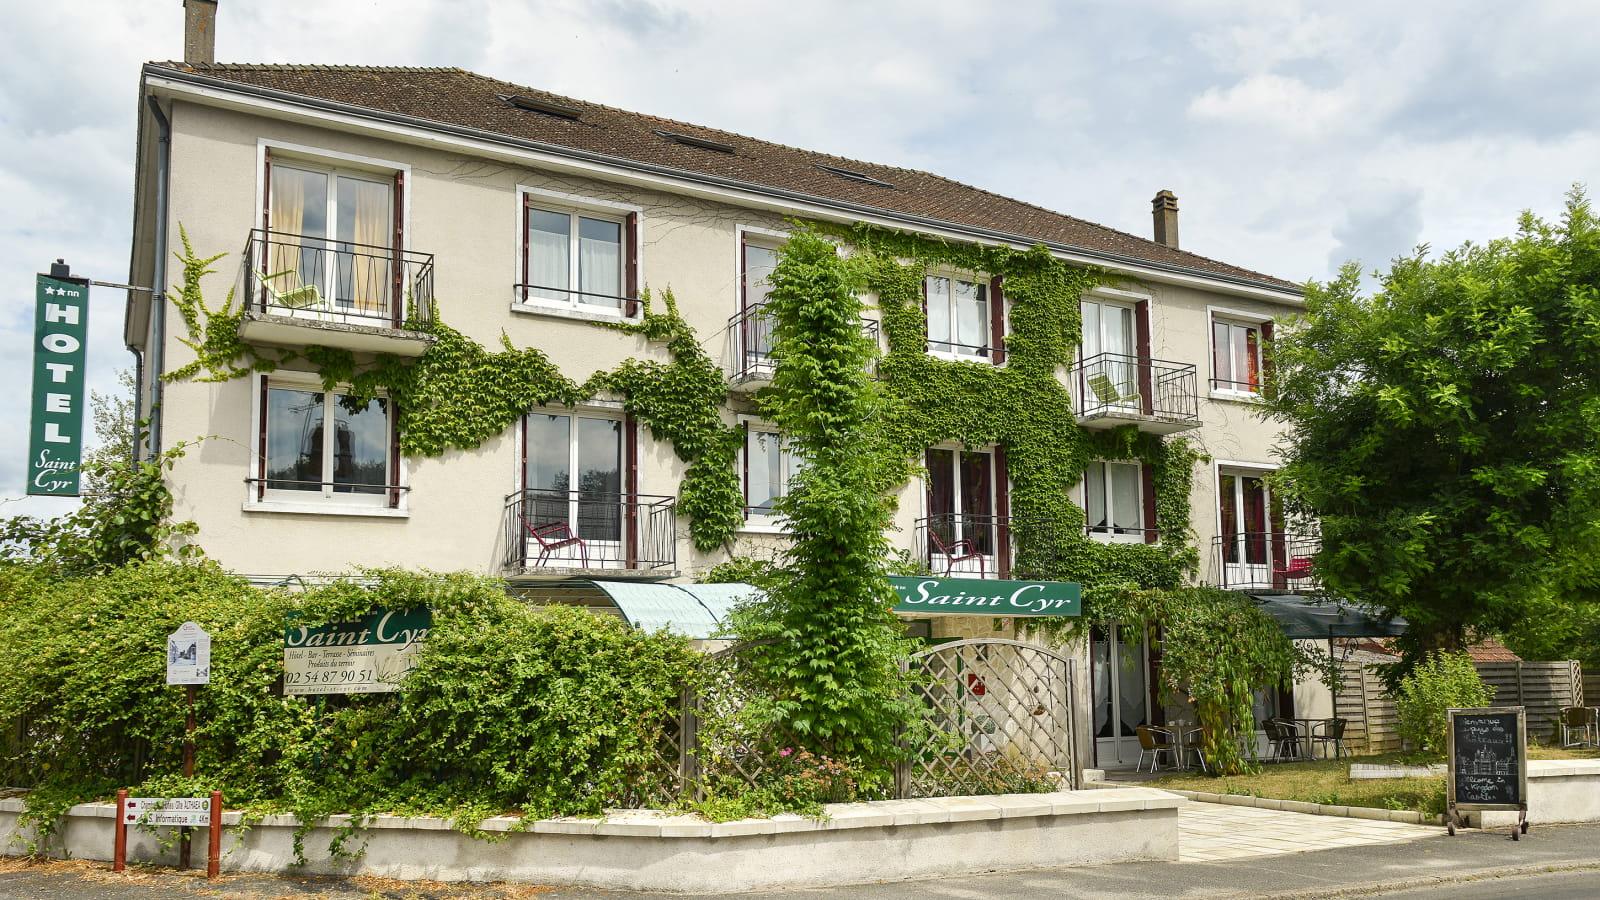 Hôtel Saint-Cyr - Location de salle et séminaire